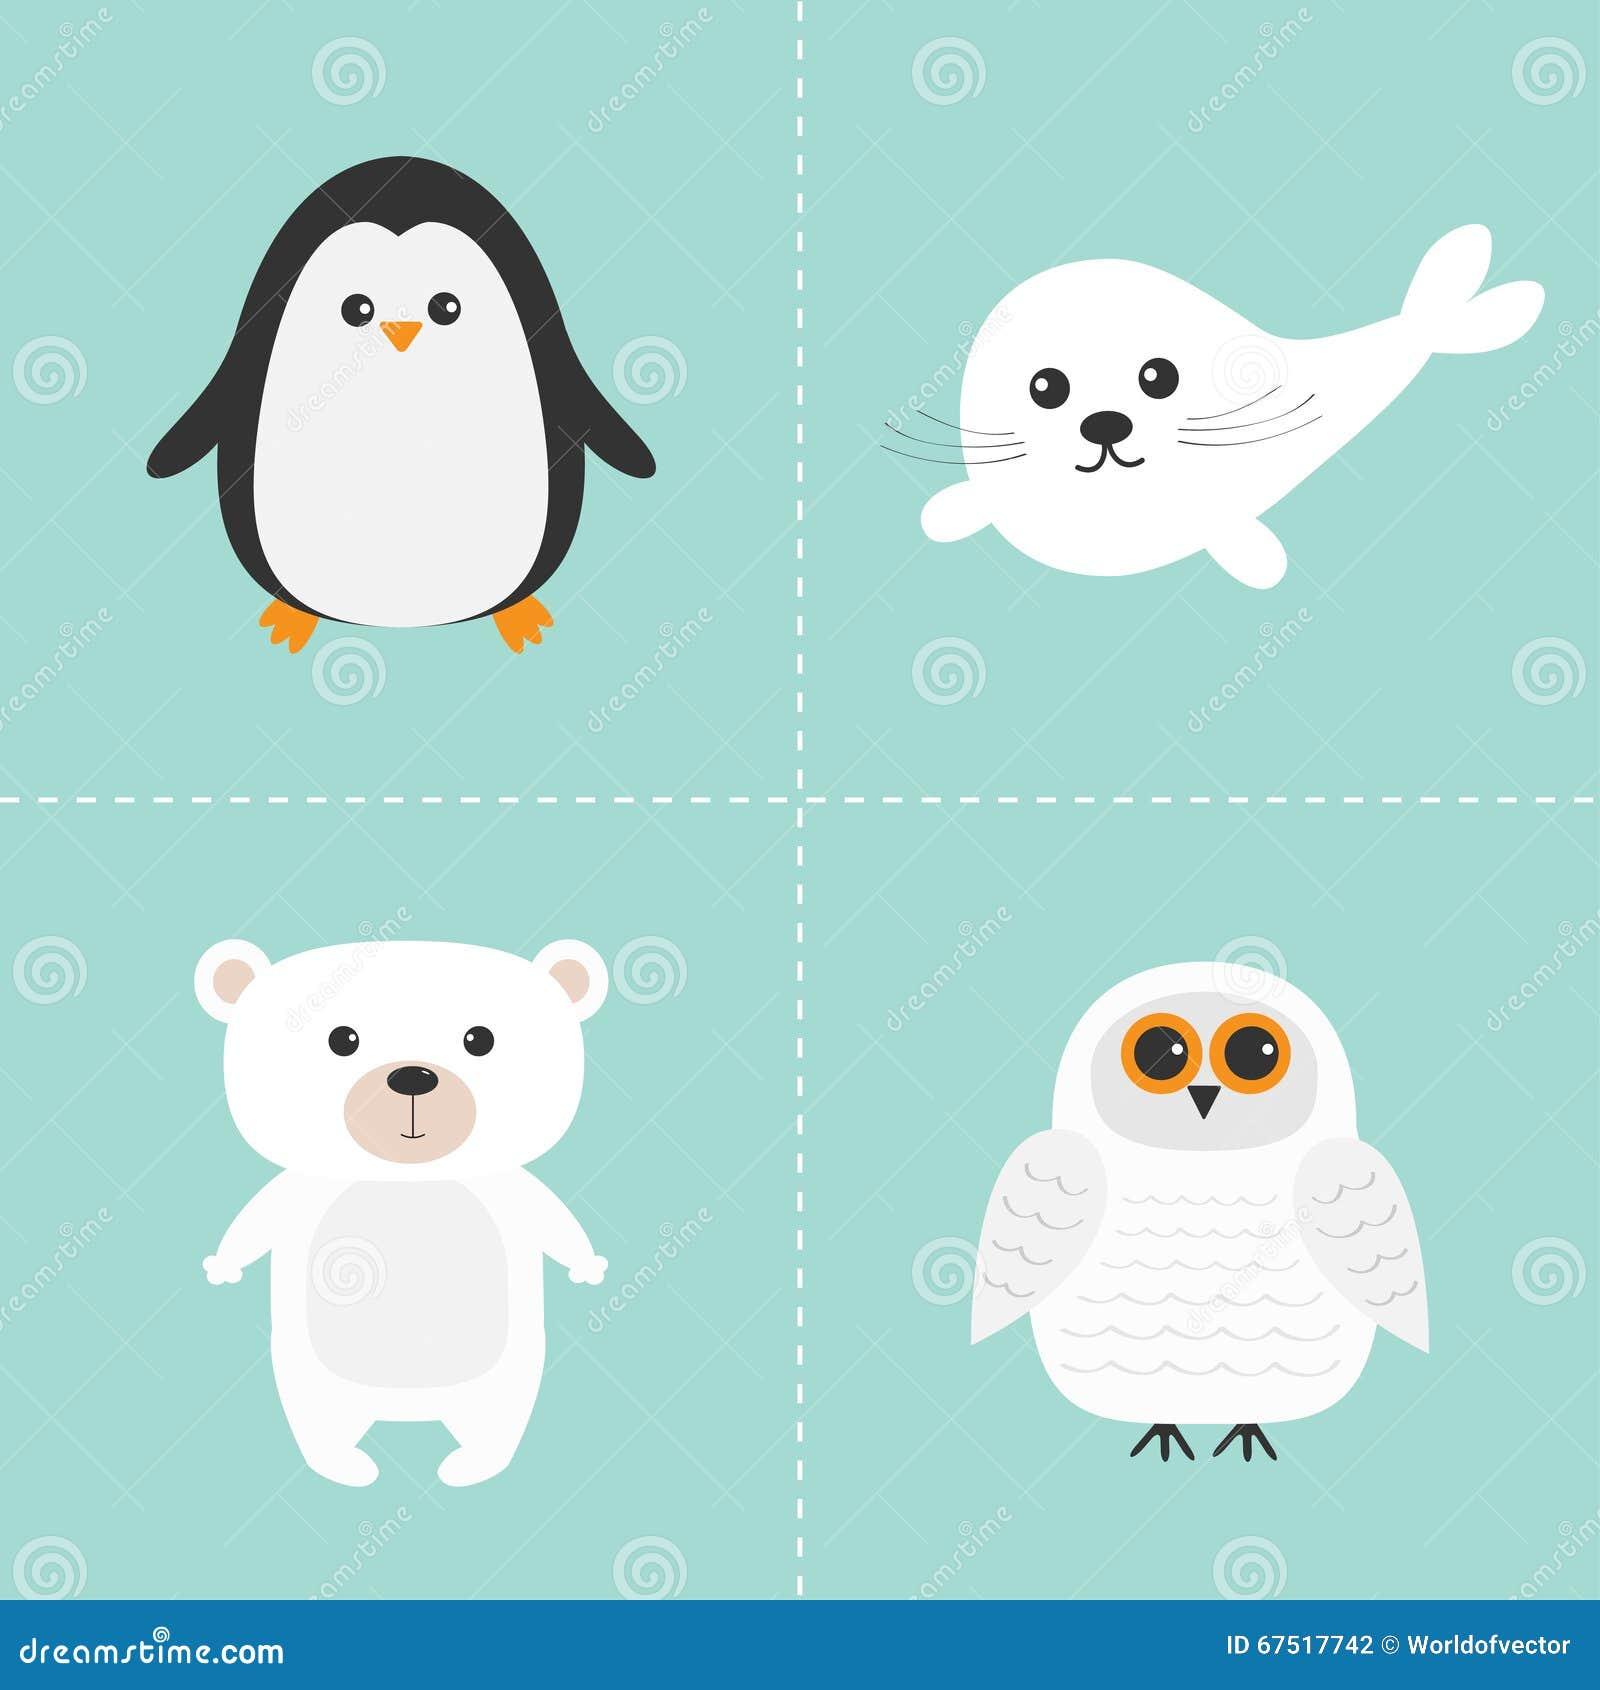 cute christmas polar bear cartoon